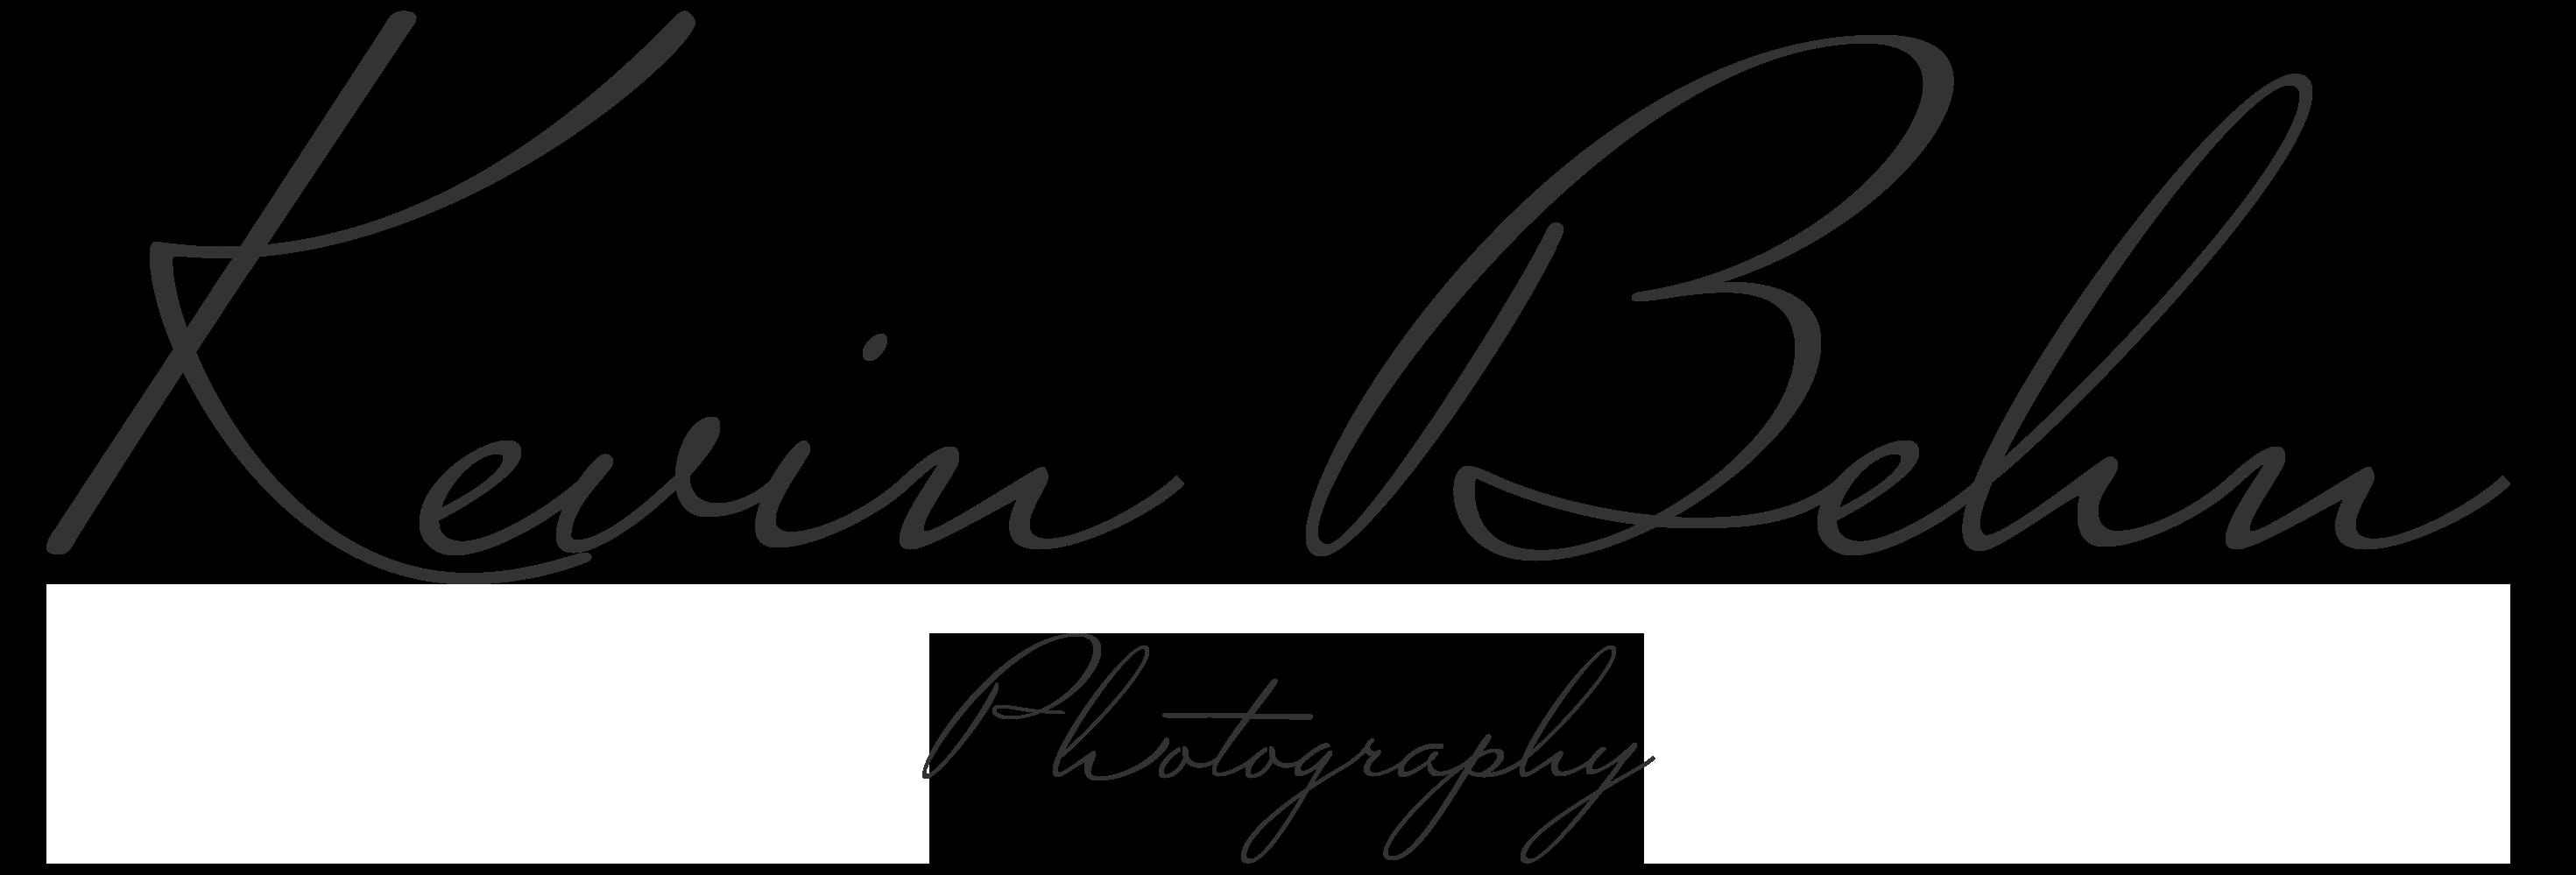 Logo Hochzeitsfotograf Kevin Behn Hochzeitstotos